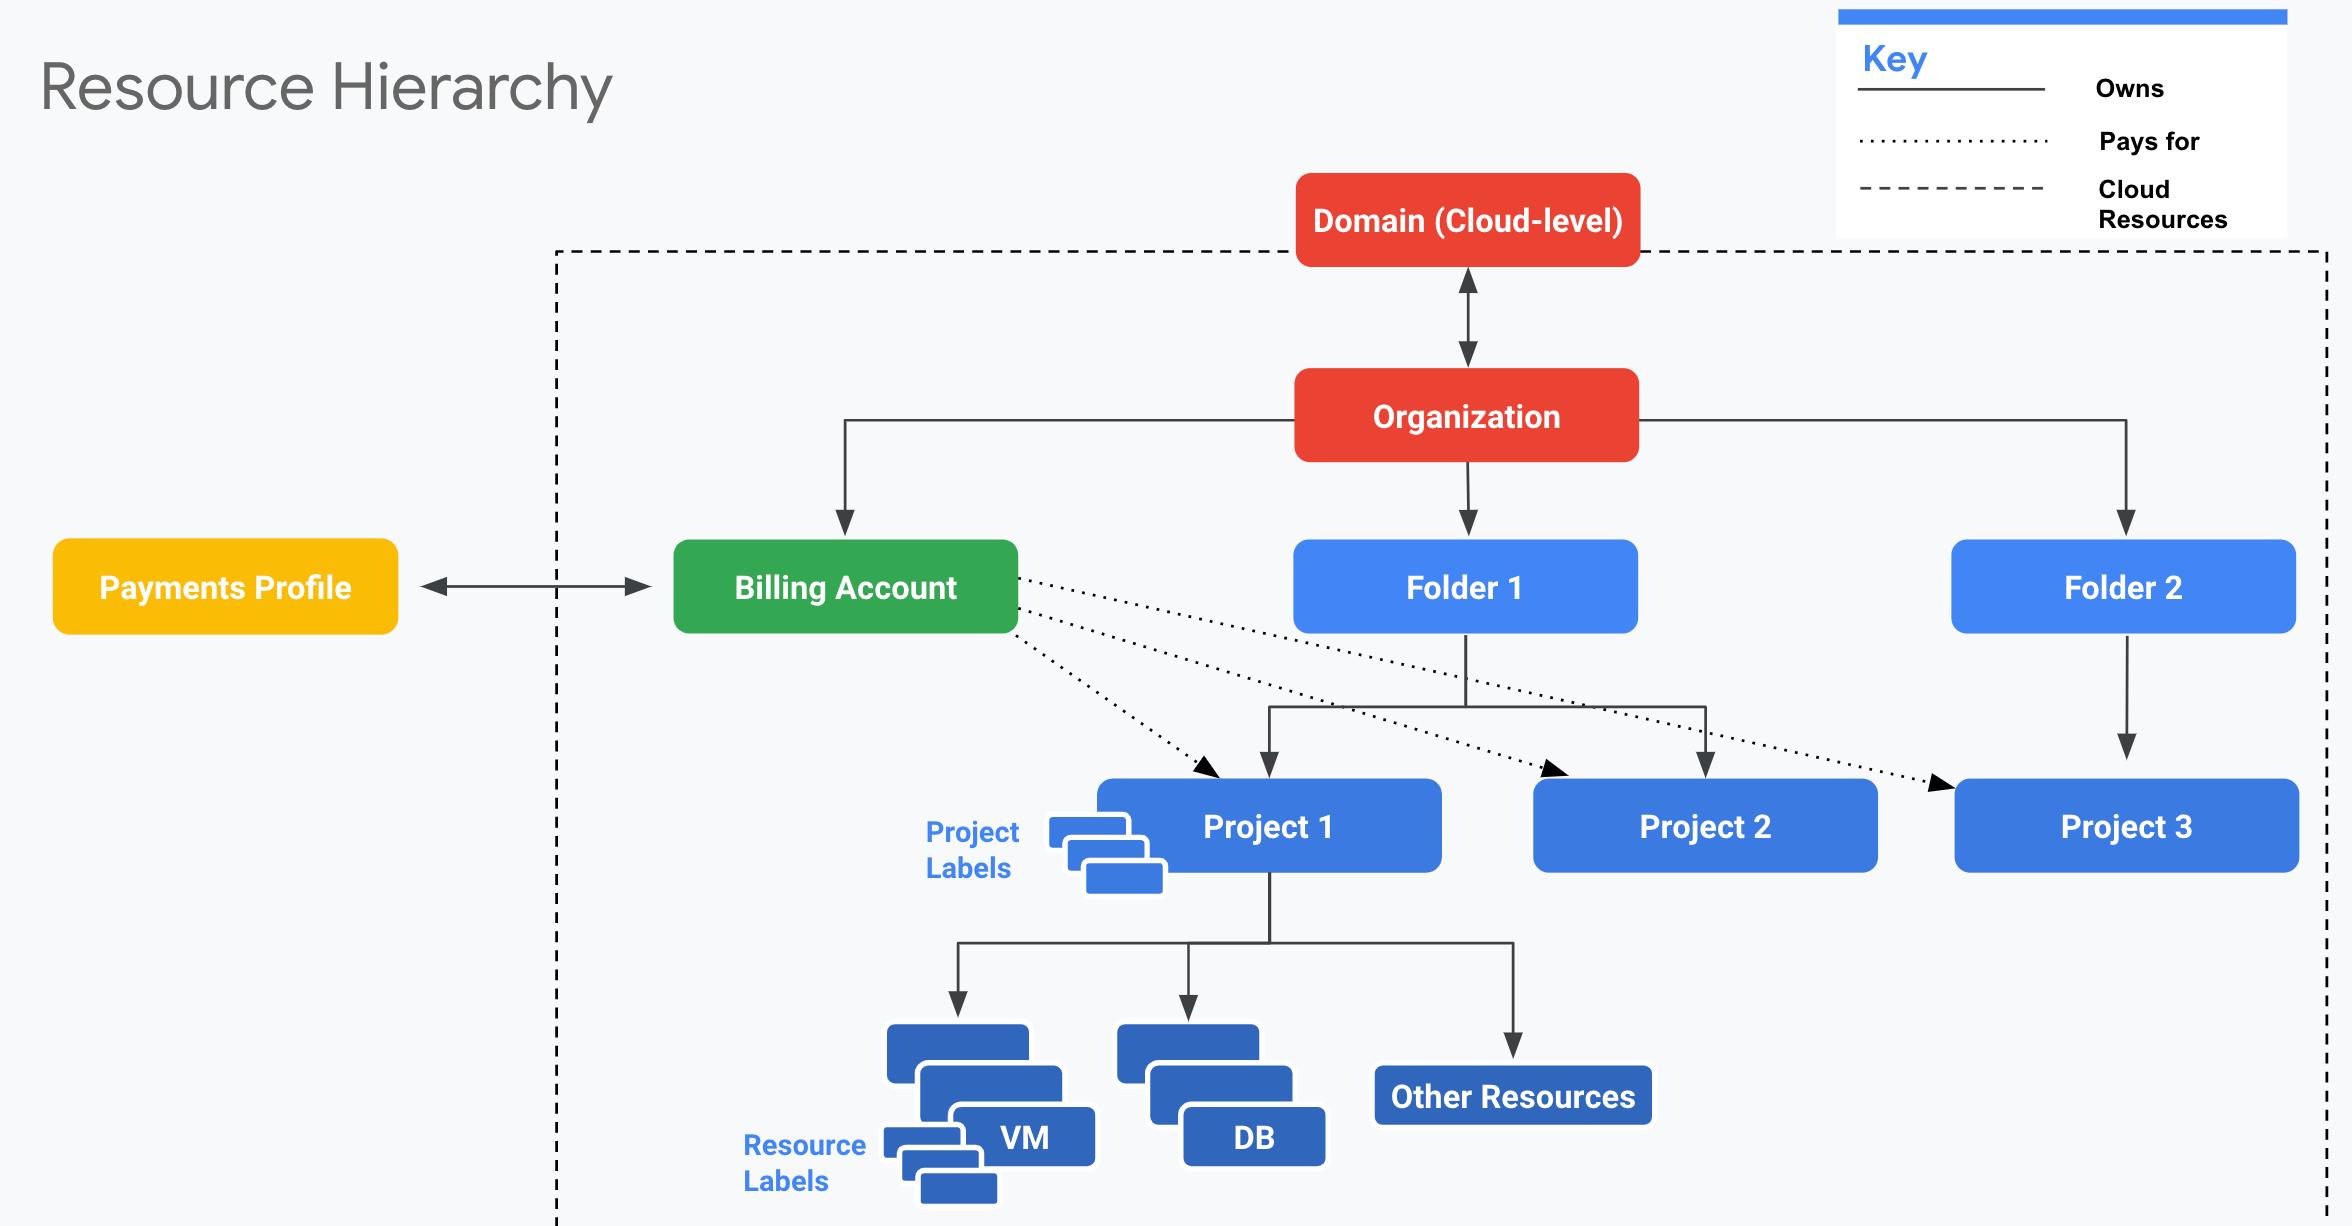 Um exemplo de hierarquia de recursos que ilustra os principais recursos no nível de conta envolvidos na administração da conta do Google Cloud e como eles se relacionam com a Conta de faturamento do Cloud e o perfil para pagamentos.